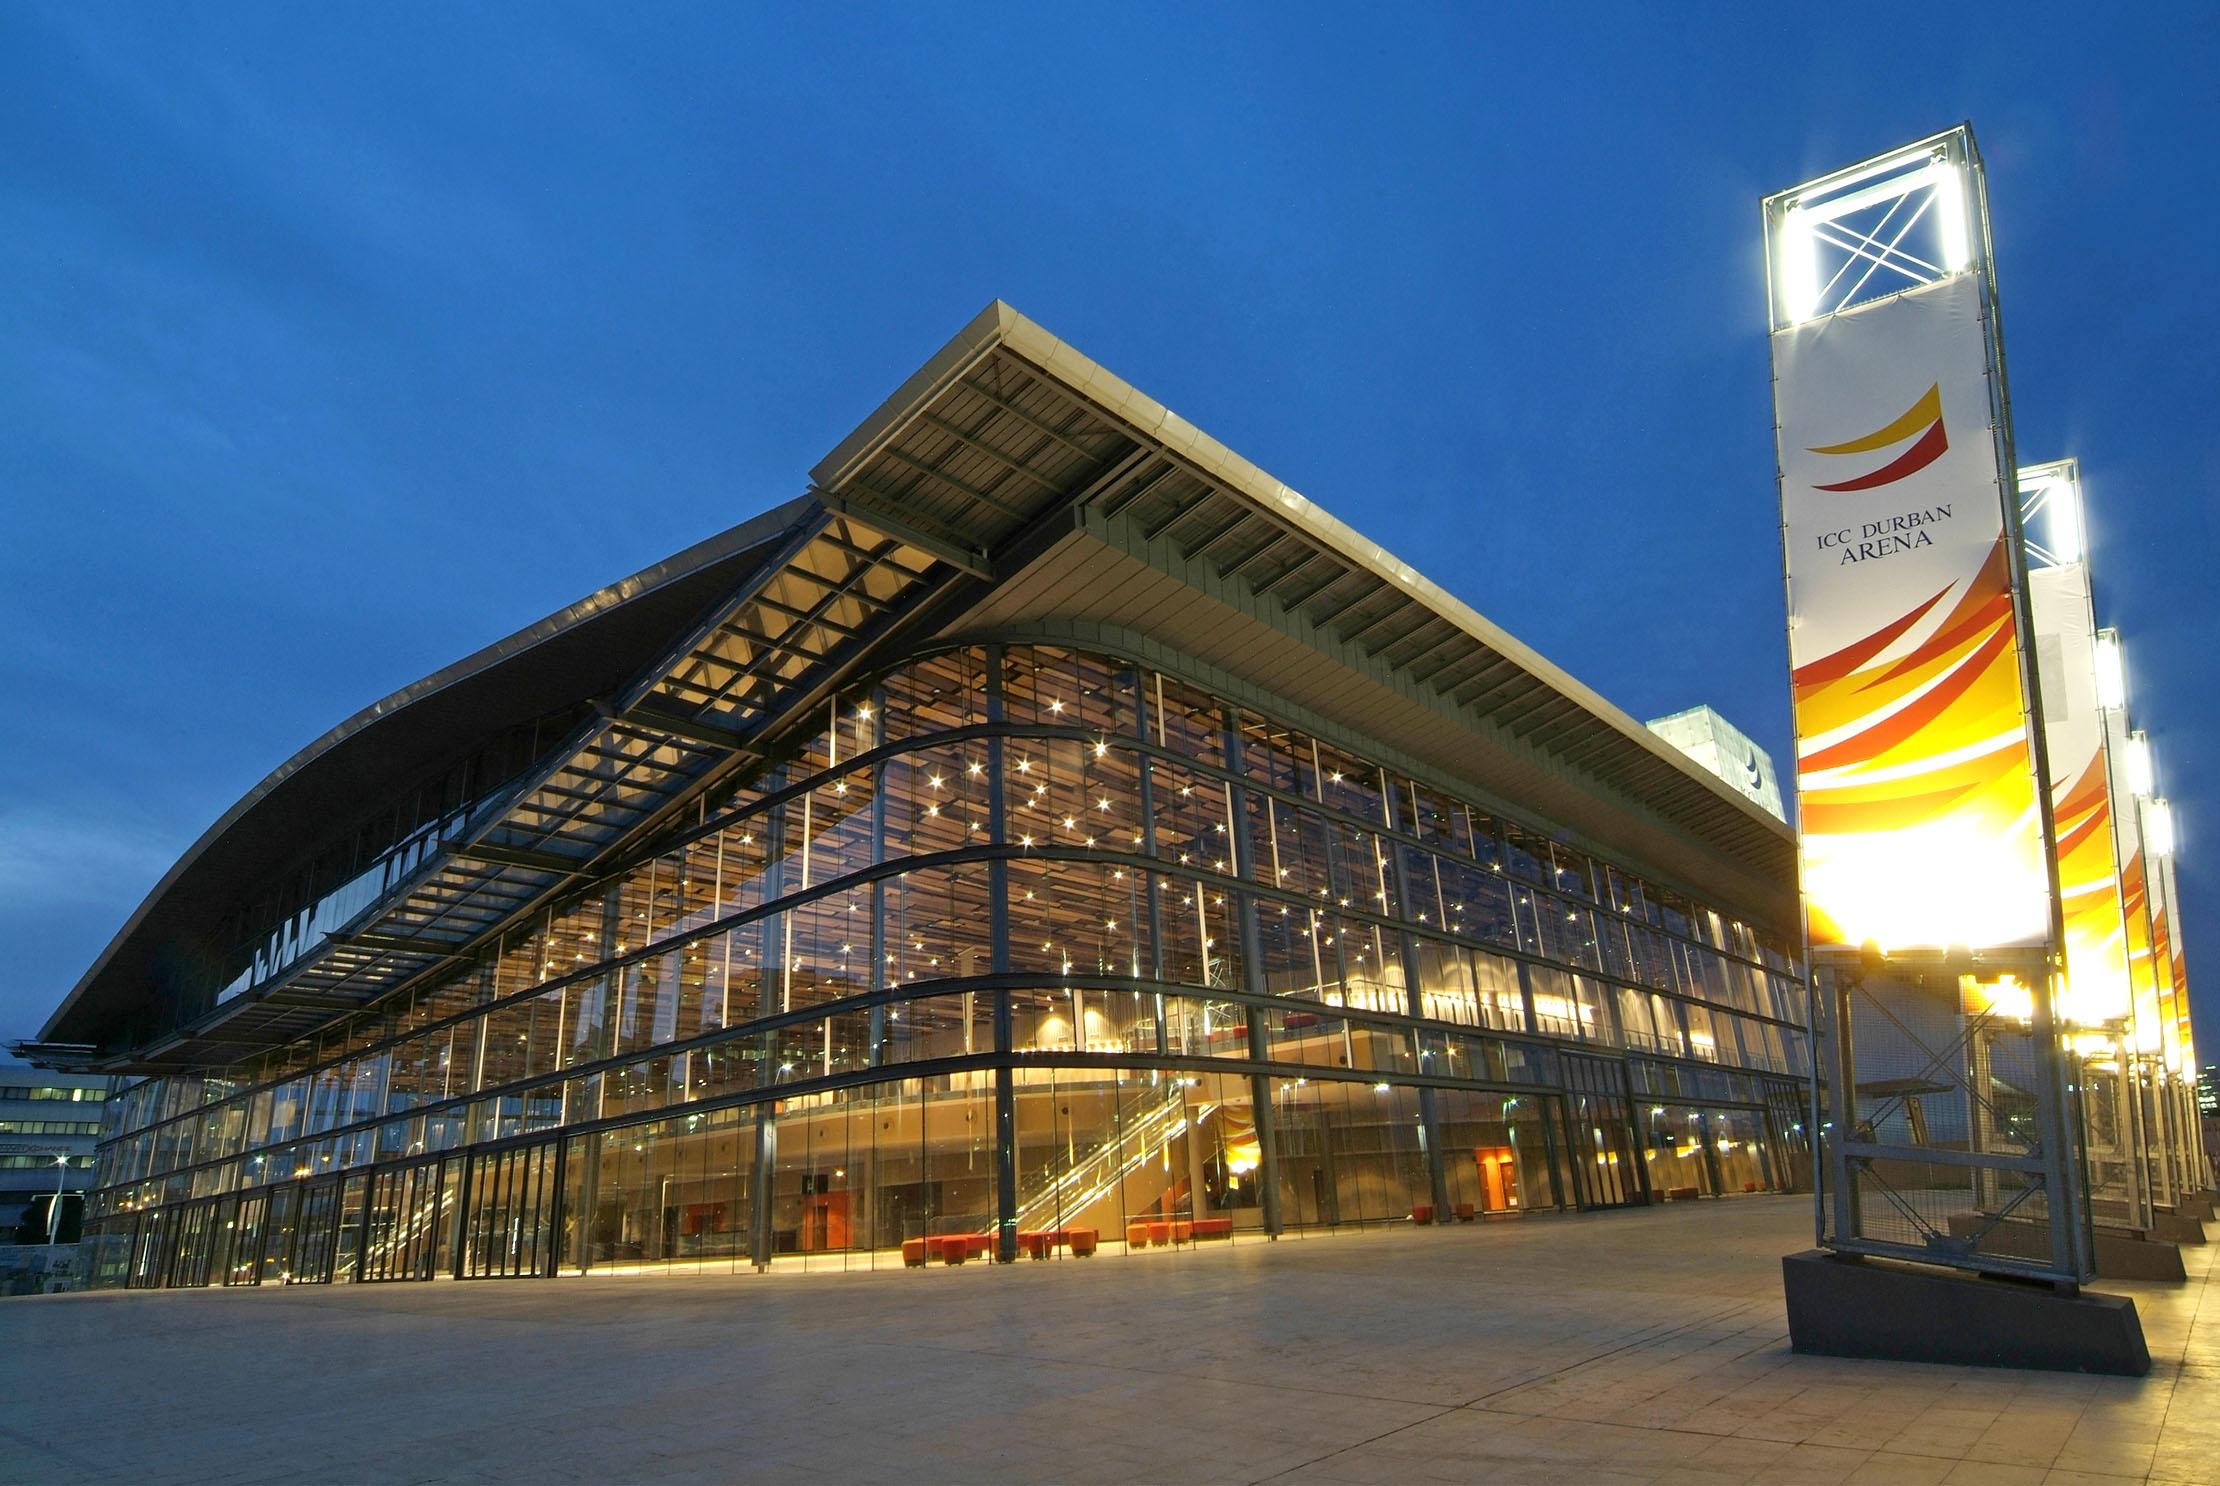 Durban ICC Arena